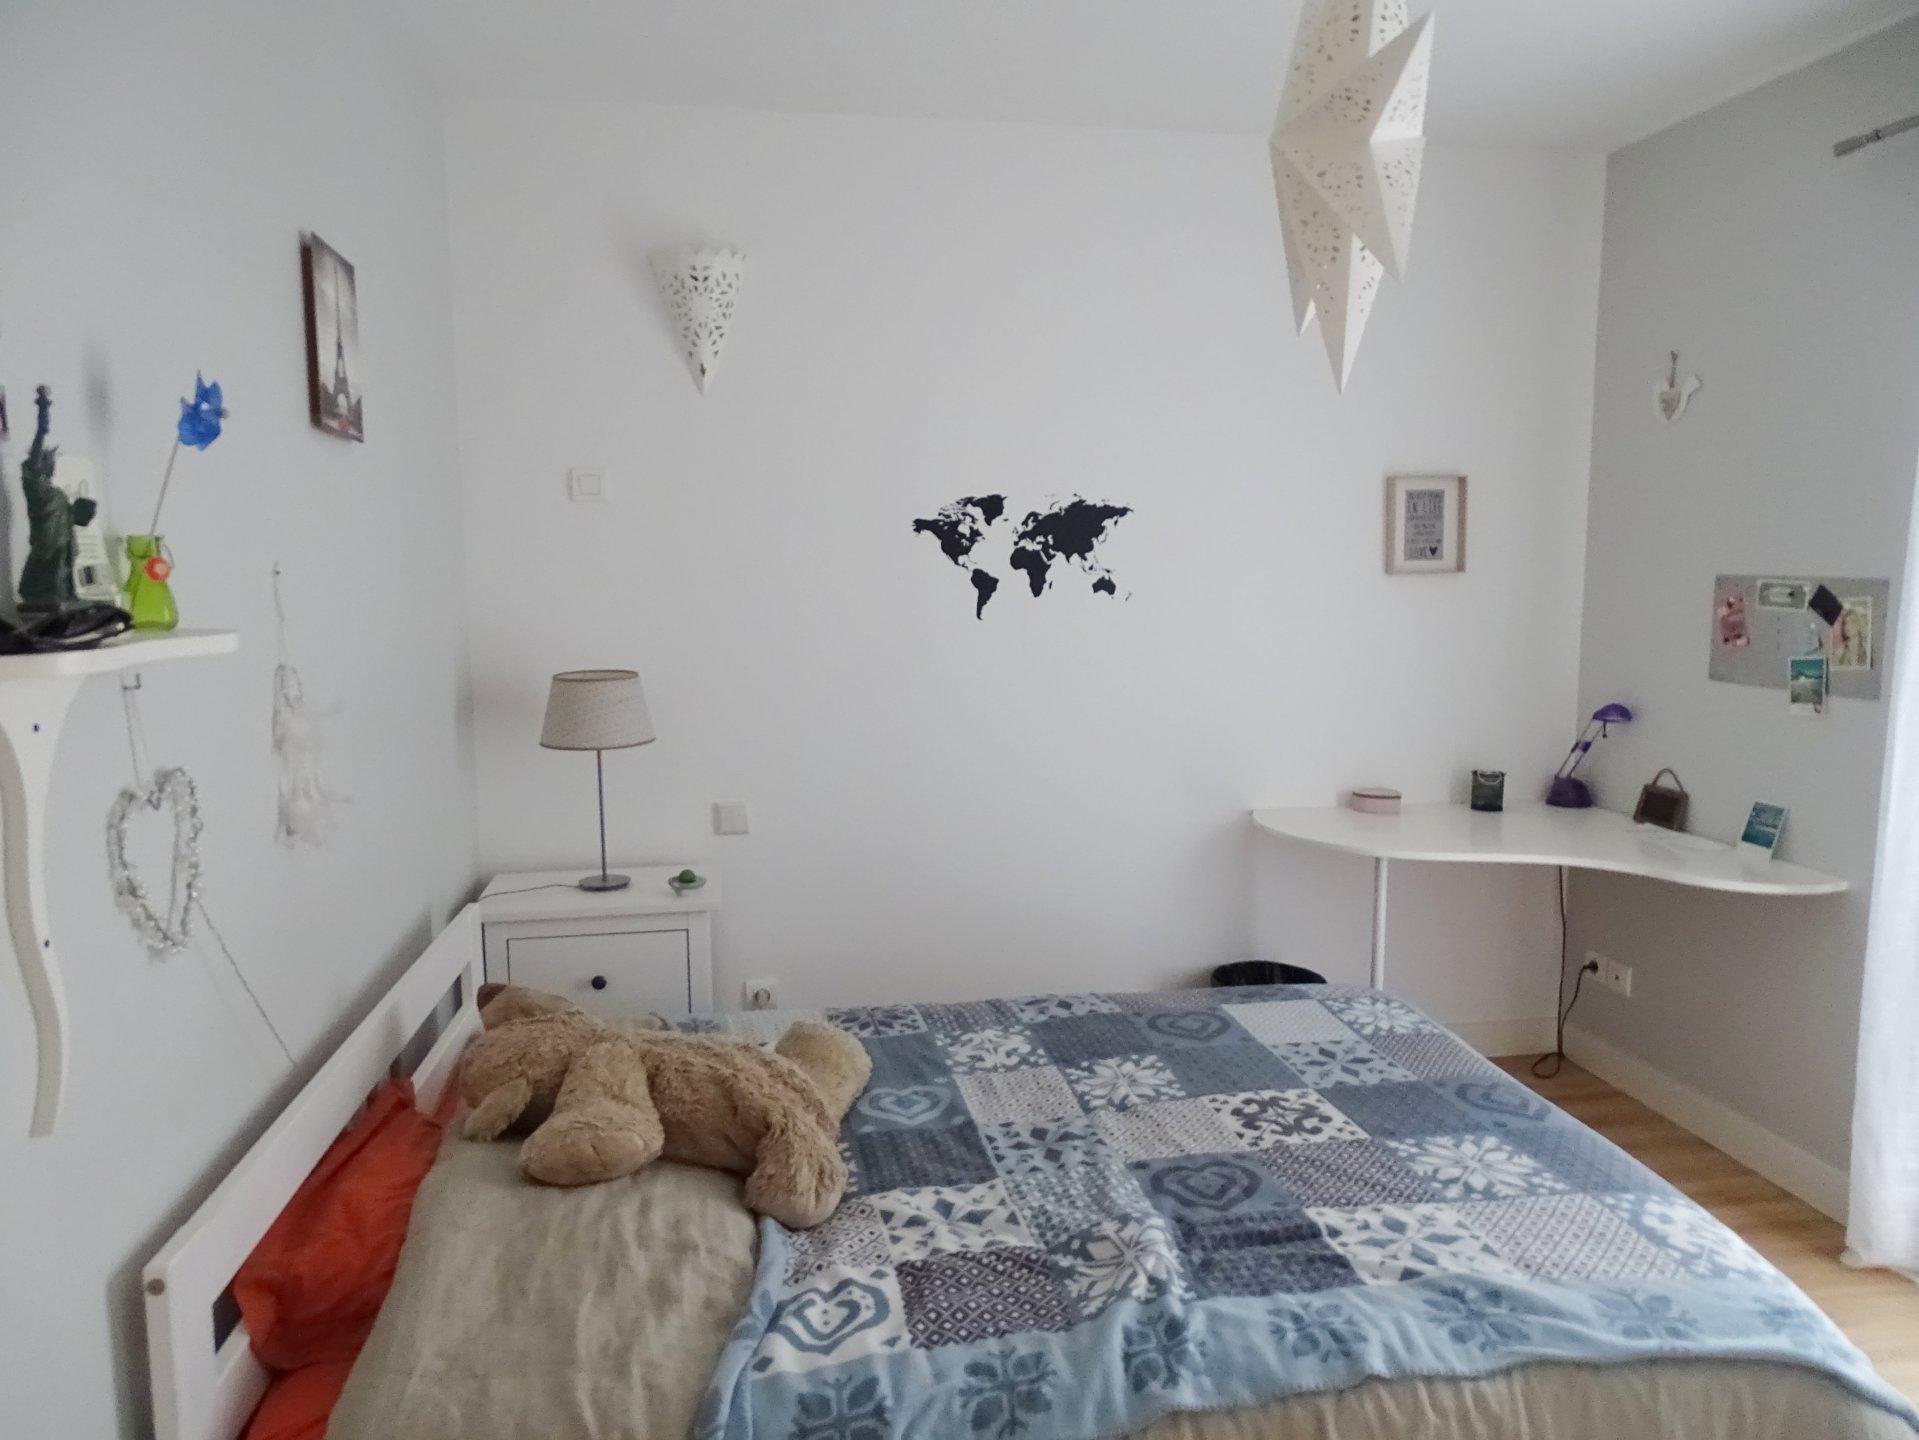 Dans un village à proximité immédiate de Pont de Vaux, 20 min Mâcon, venez découvrir cette maison contemporaine de 2008, de plain pied, offrant une surface habitable de 155 m². Elle se compose d'une belle et lumineuse pièce de vie avec cuisine équipée ouverte sur la terrasse, un bureau, une chambre parentale avec salle de douche et toilette, 4 autres chambres, une salle d'eau, un toilette, une buanderie et garage. Cette agréable maison est dotée de prestations de qualité : huisseries aluminium, volets roulants électriques, vmc double flux, aspiration centralisée, belle exposition ainsi qu'une bonne isolation thermique. Le tout est implanté sur un terrain arboré de 900 m² environ. A visiter sans tarder. Honoraires à la charge des vendeurs.